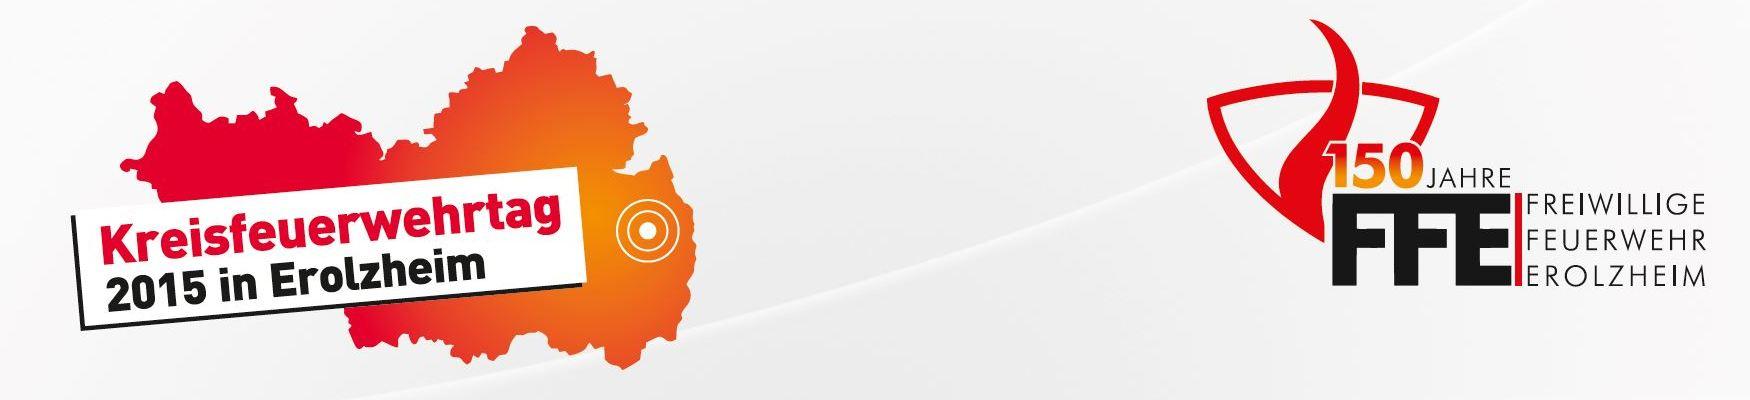 Charity Staffellauf Kreissparkasse Biberach KFT2015 Kreisfeuerwehrtag 2015 Erolzheim 150 Jahre Freiwillige Feuerwehr Erolzheim Landkreis Biberach